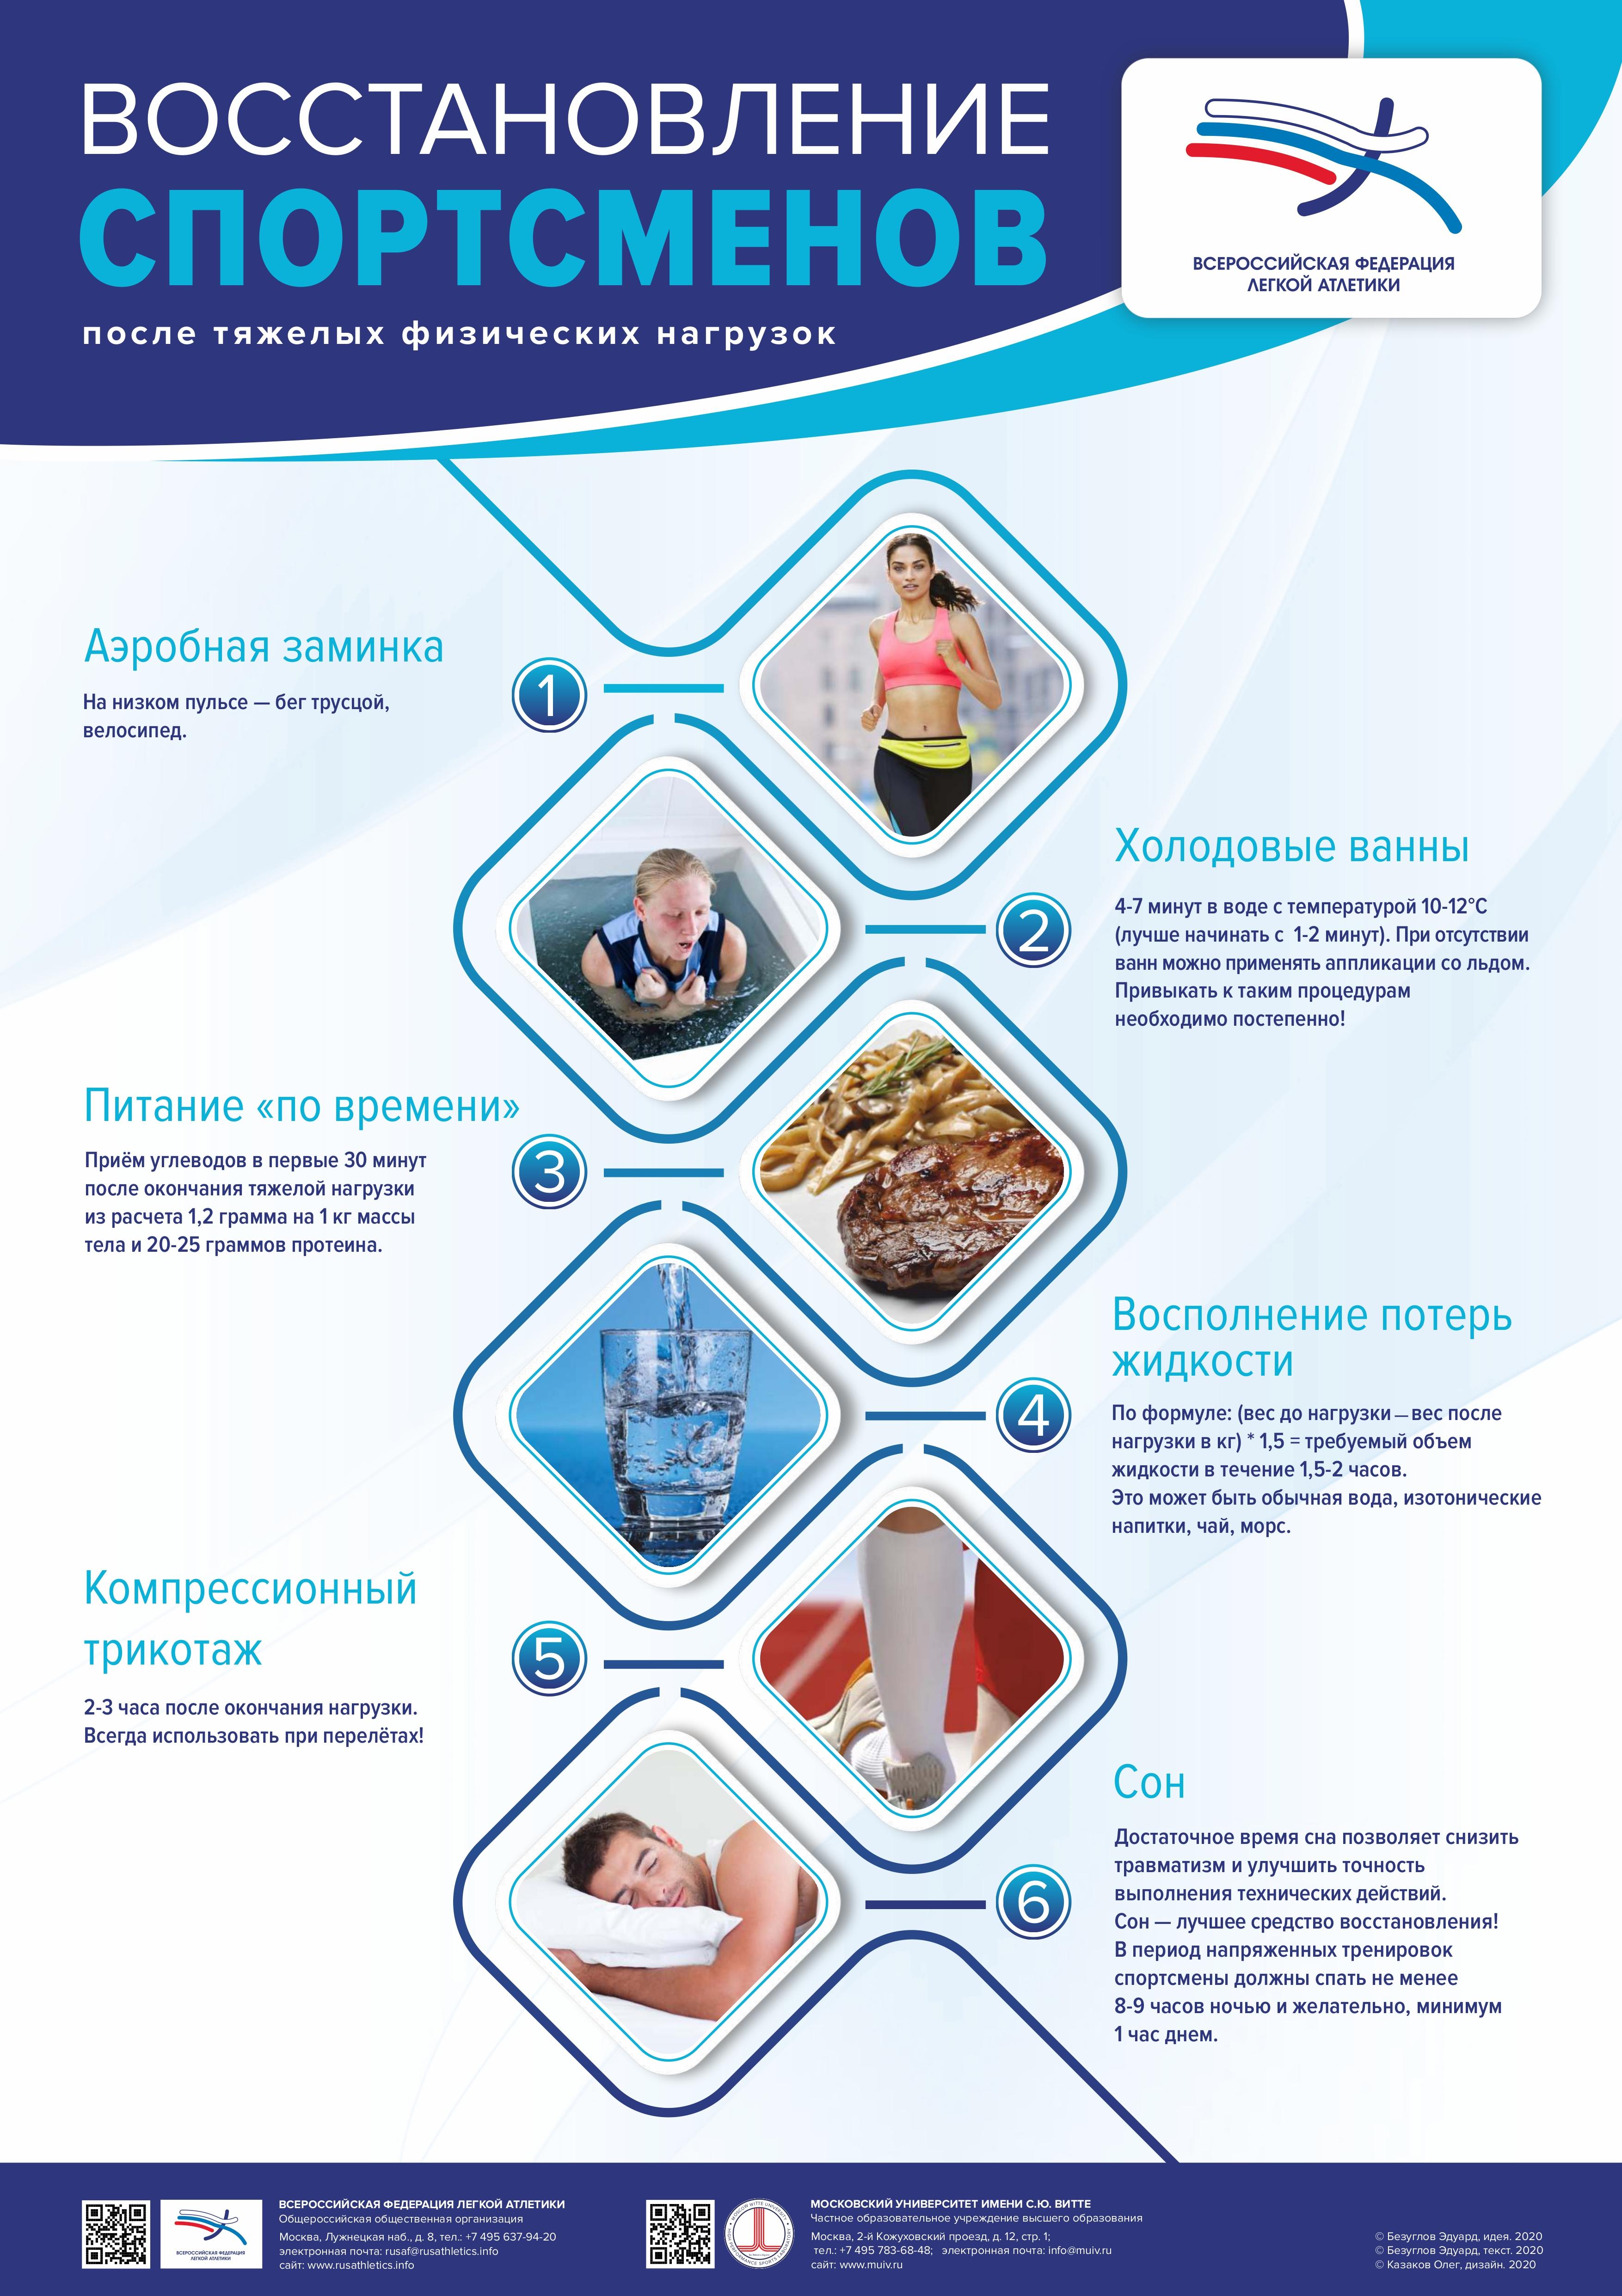 vosstanovlenie-sportsmenov_page-0001